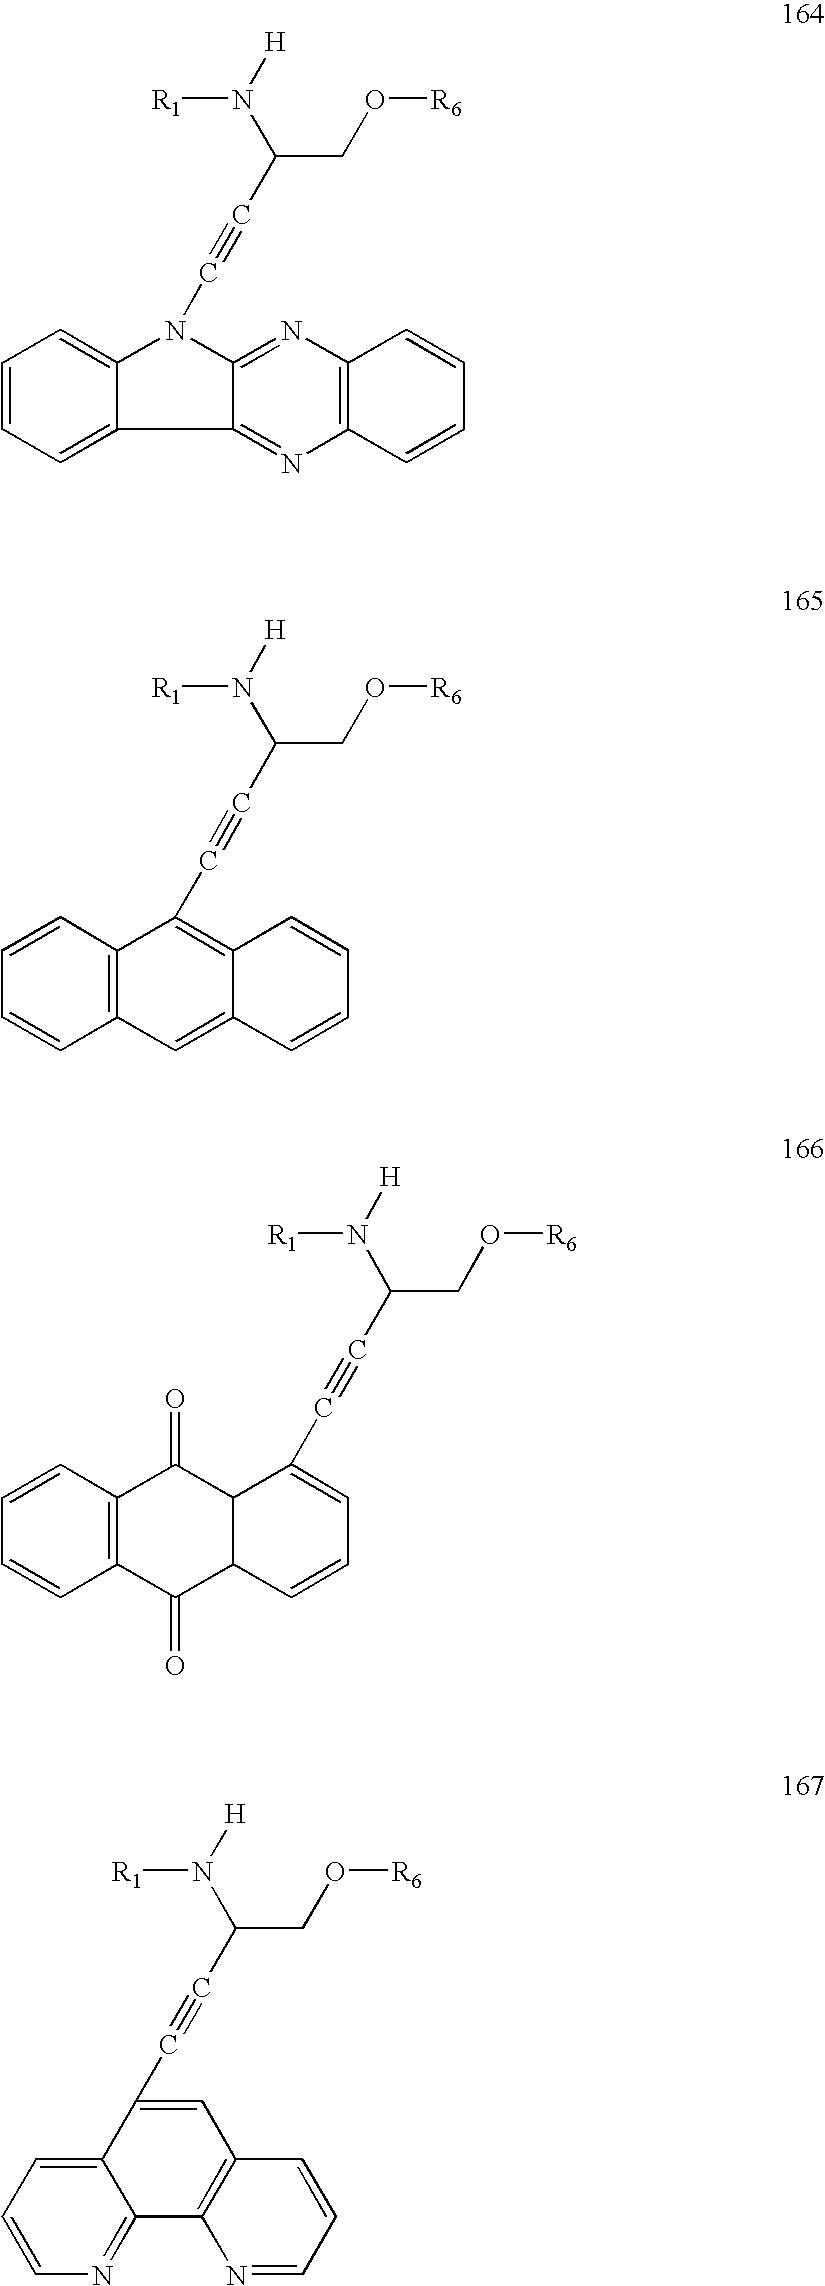 Figure US20060014144A1-20060119-C00124